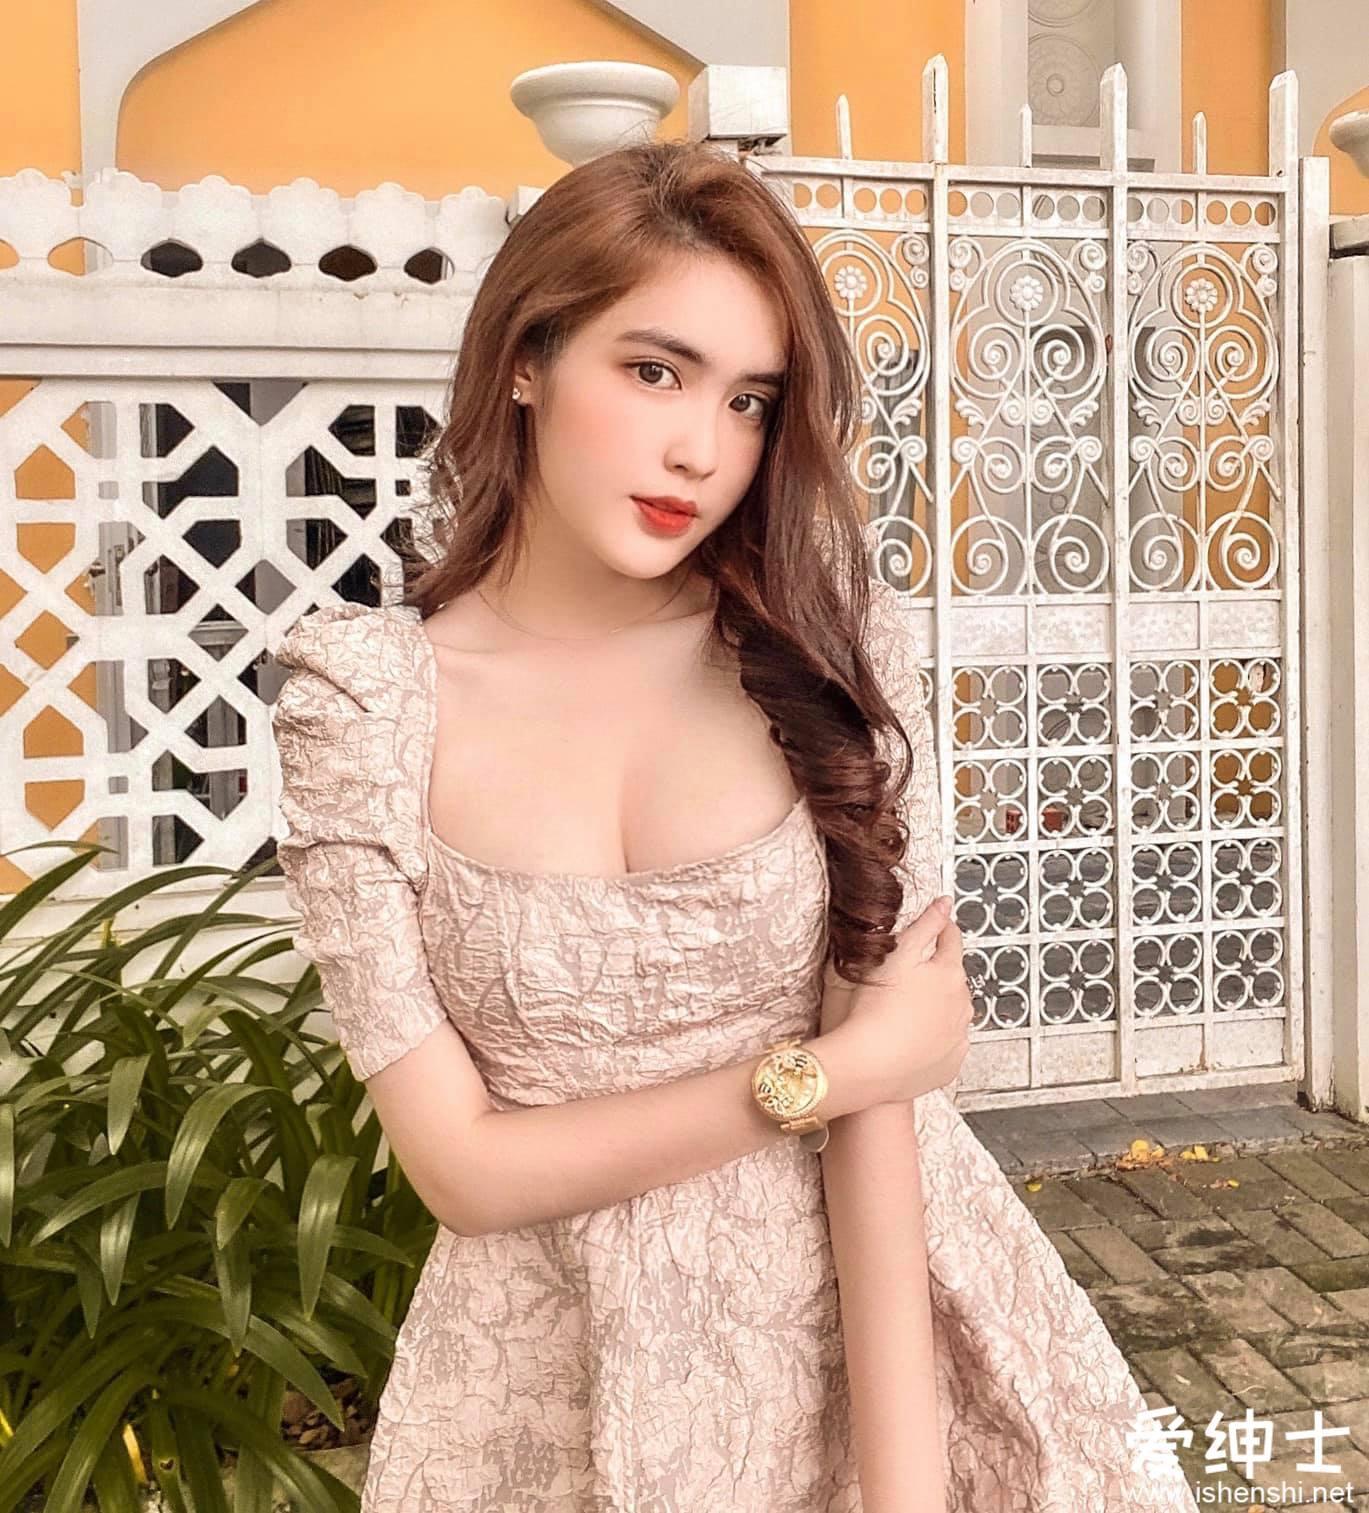 越南美少女「DOANGHI」18岁初长成已火辣性感,分享「丰乳翘臀」好身材